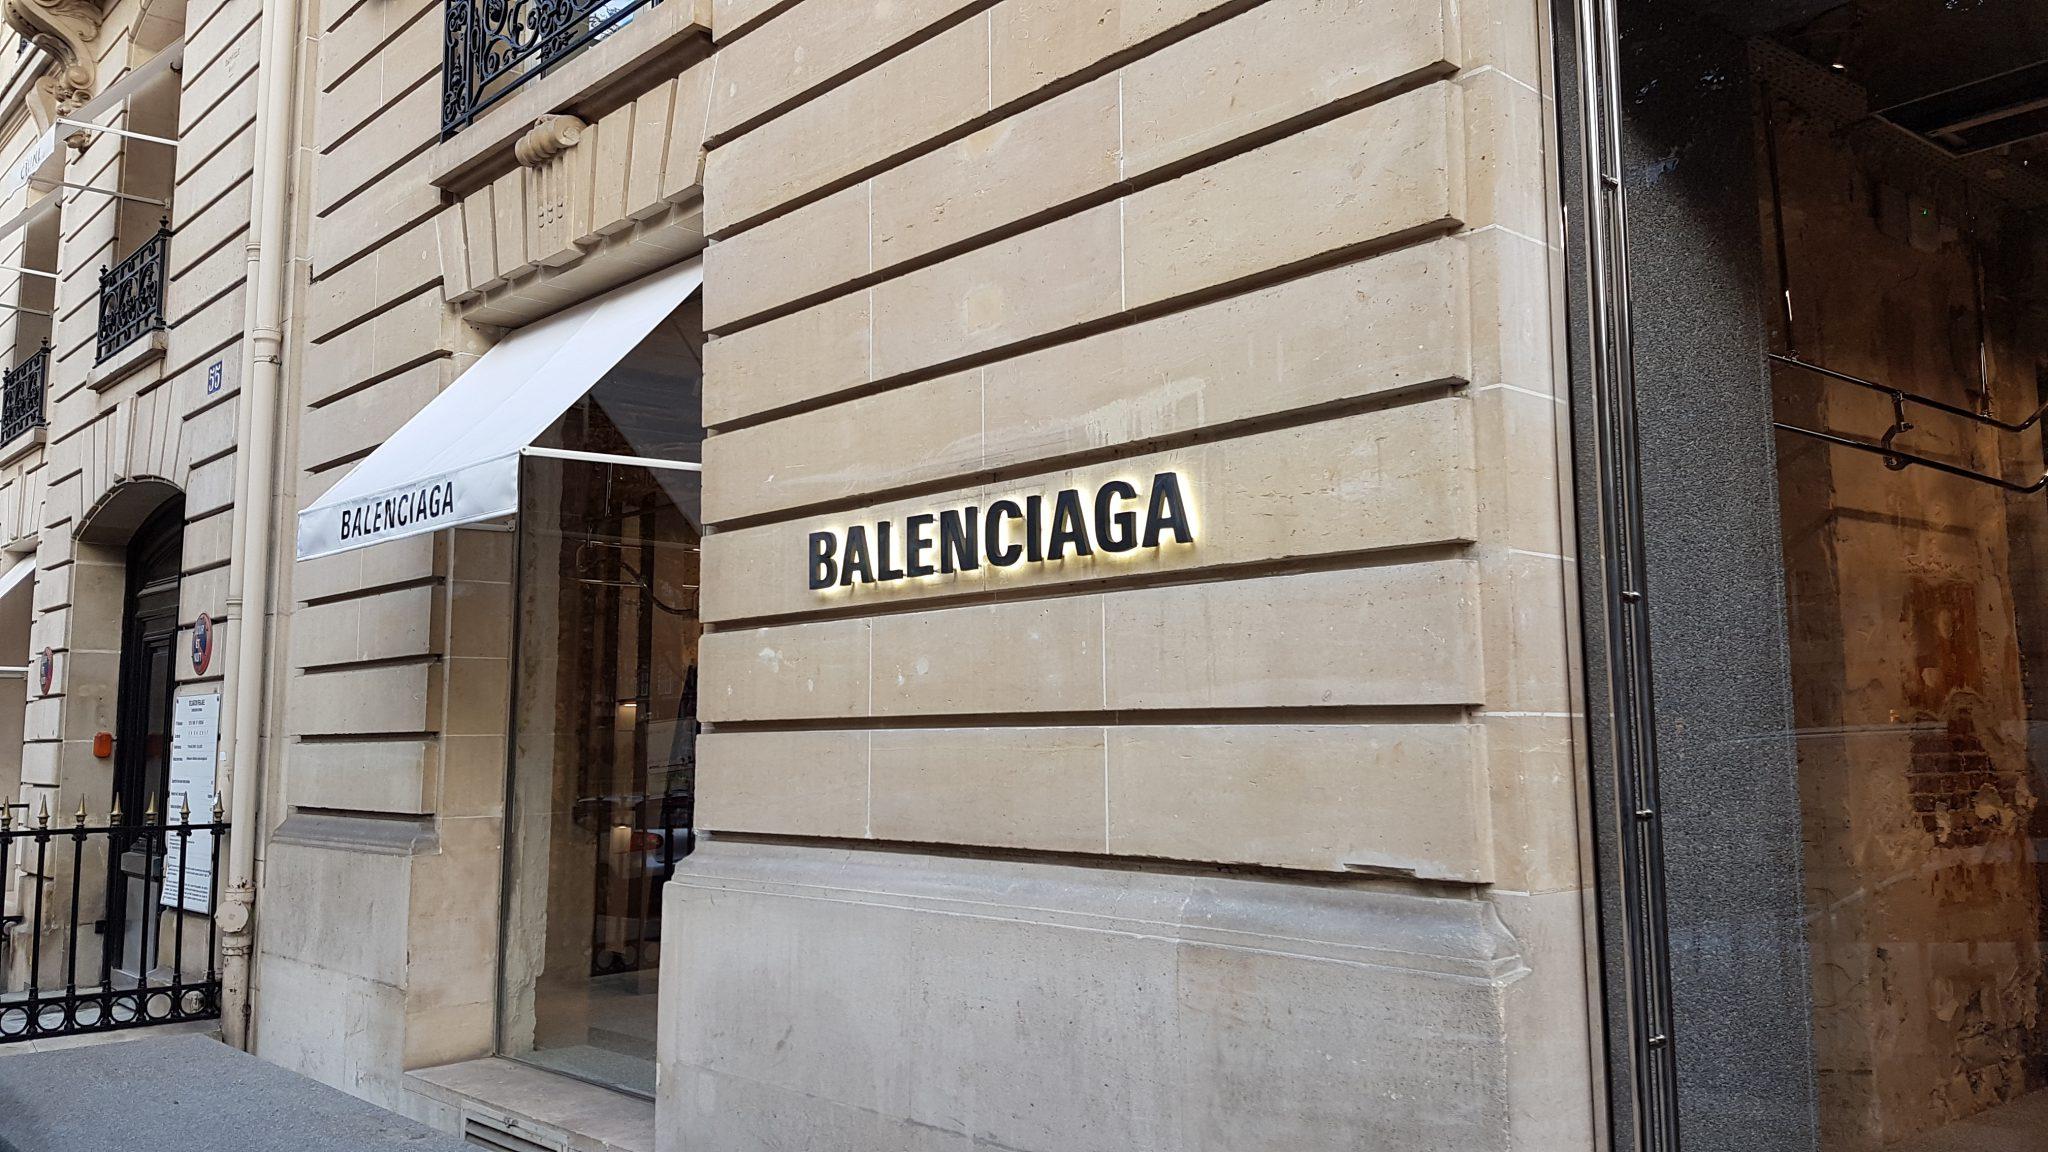 BALENCIAGA (8)